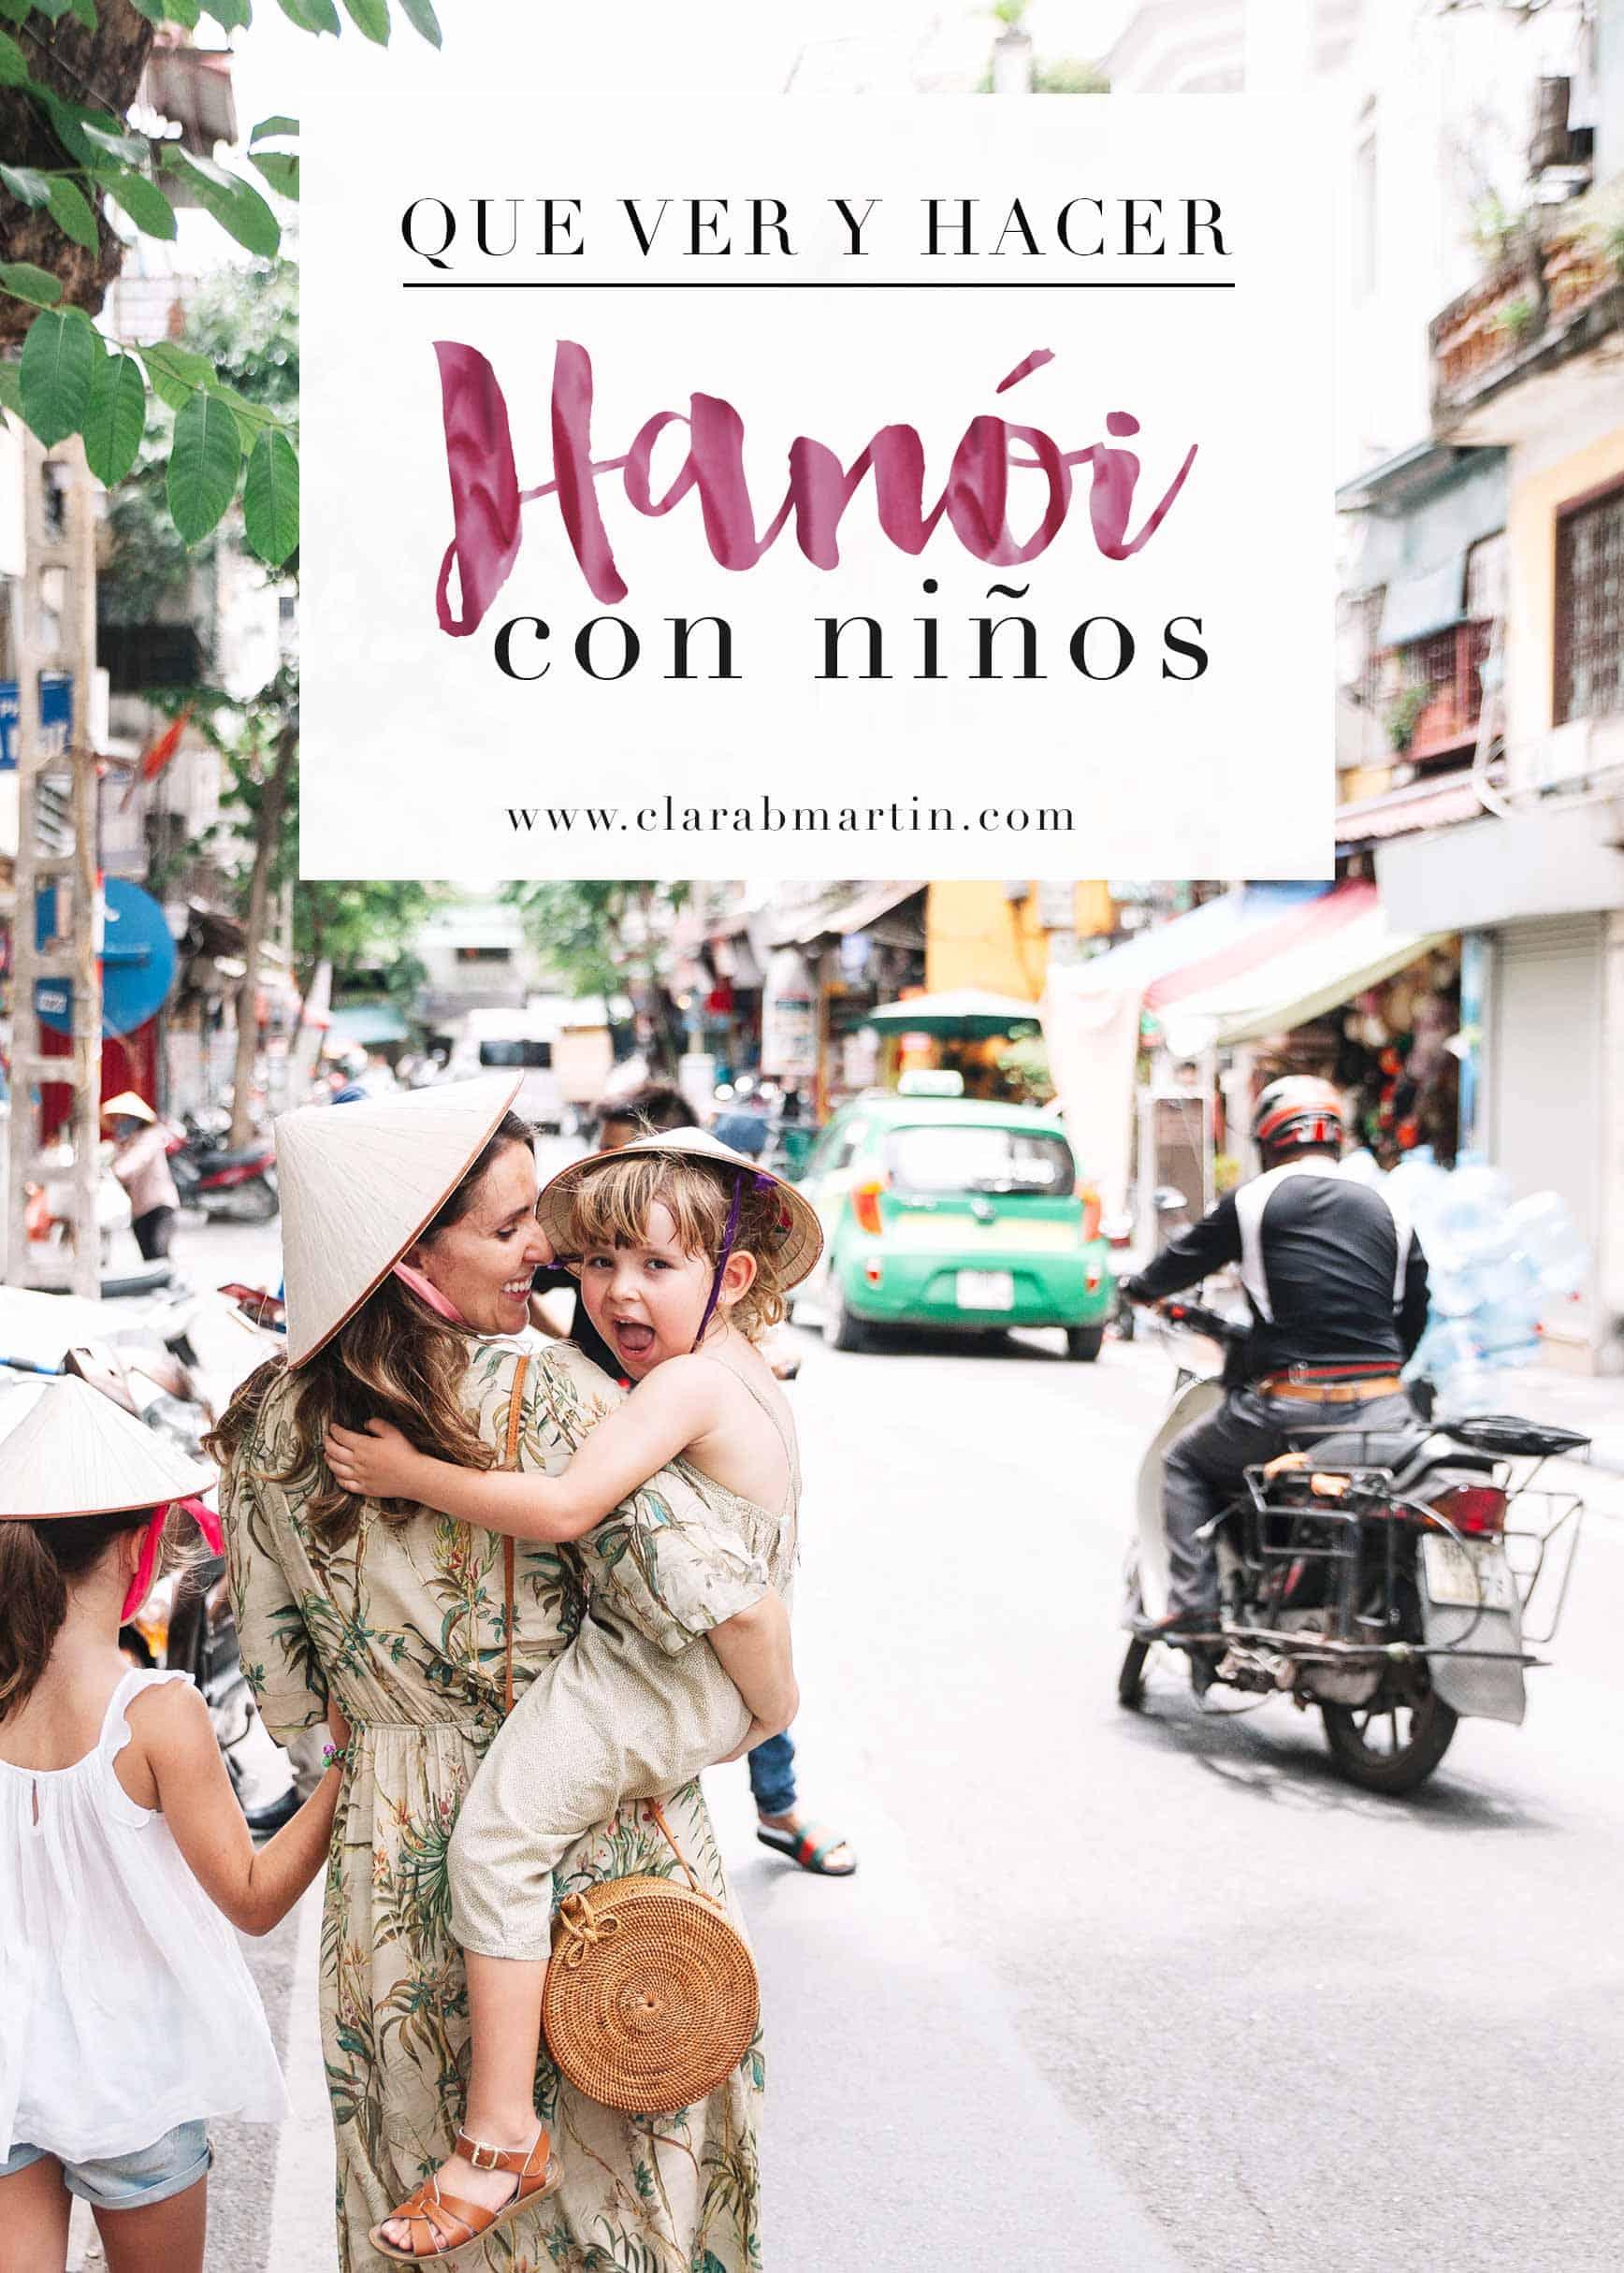 Hanói con niños